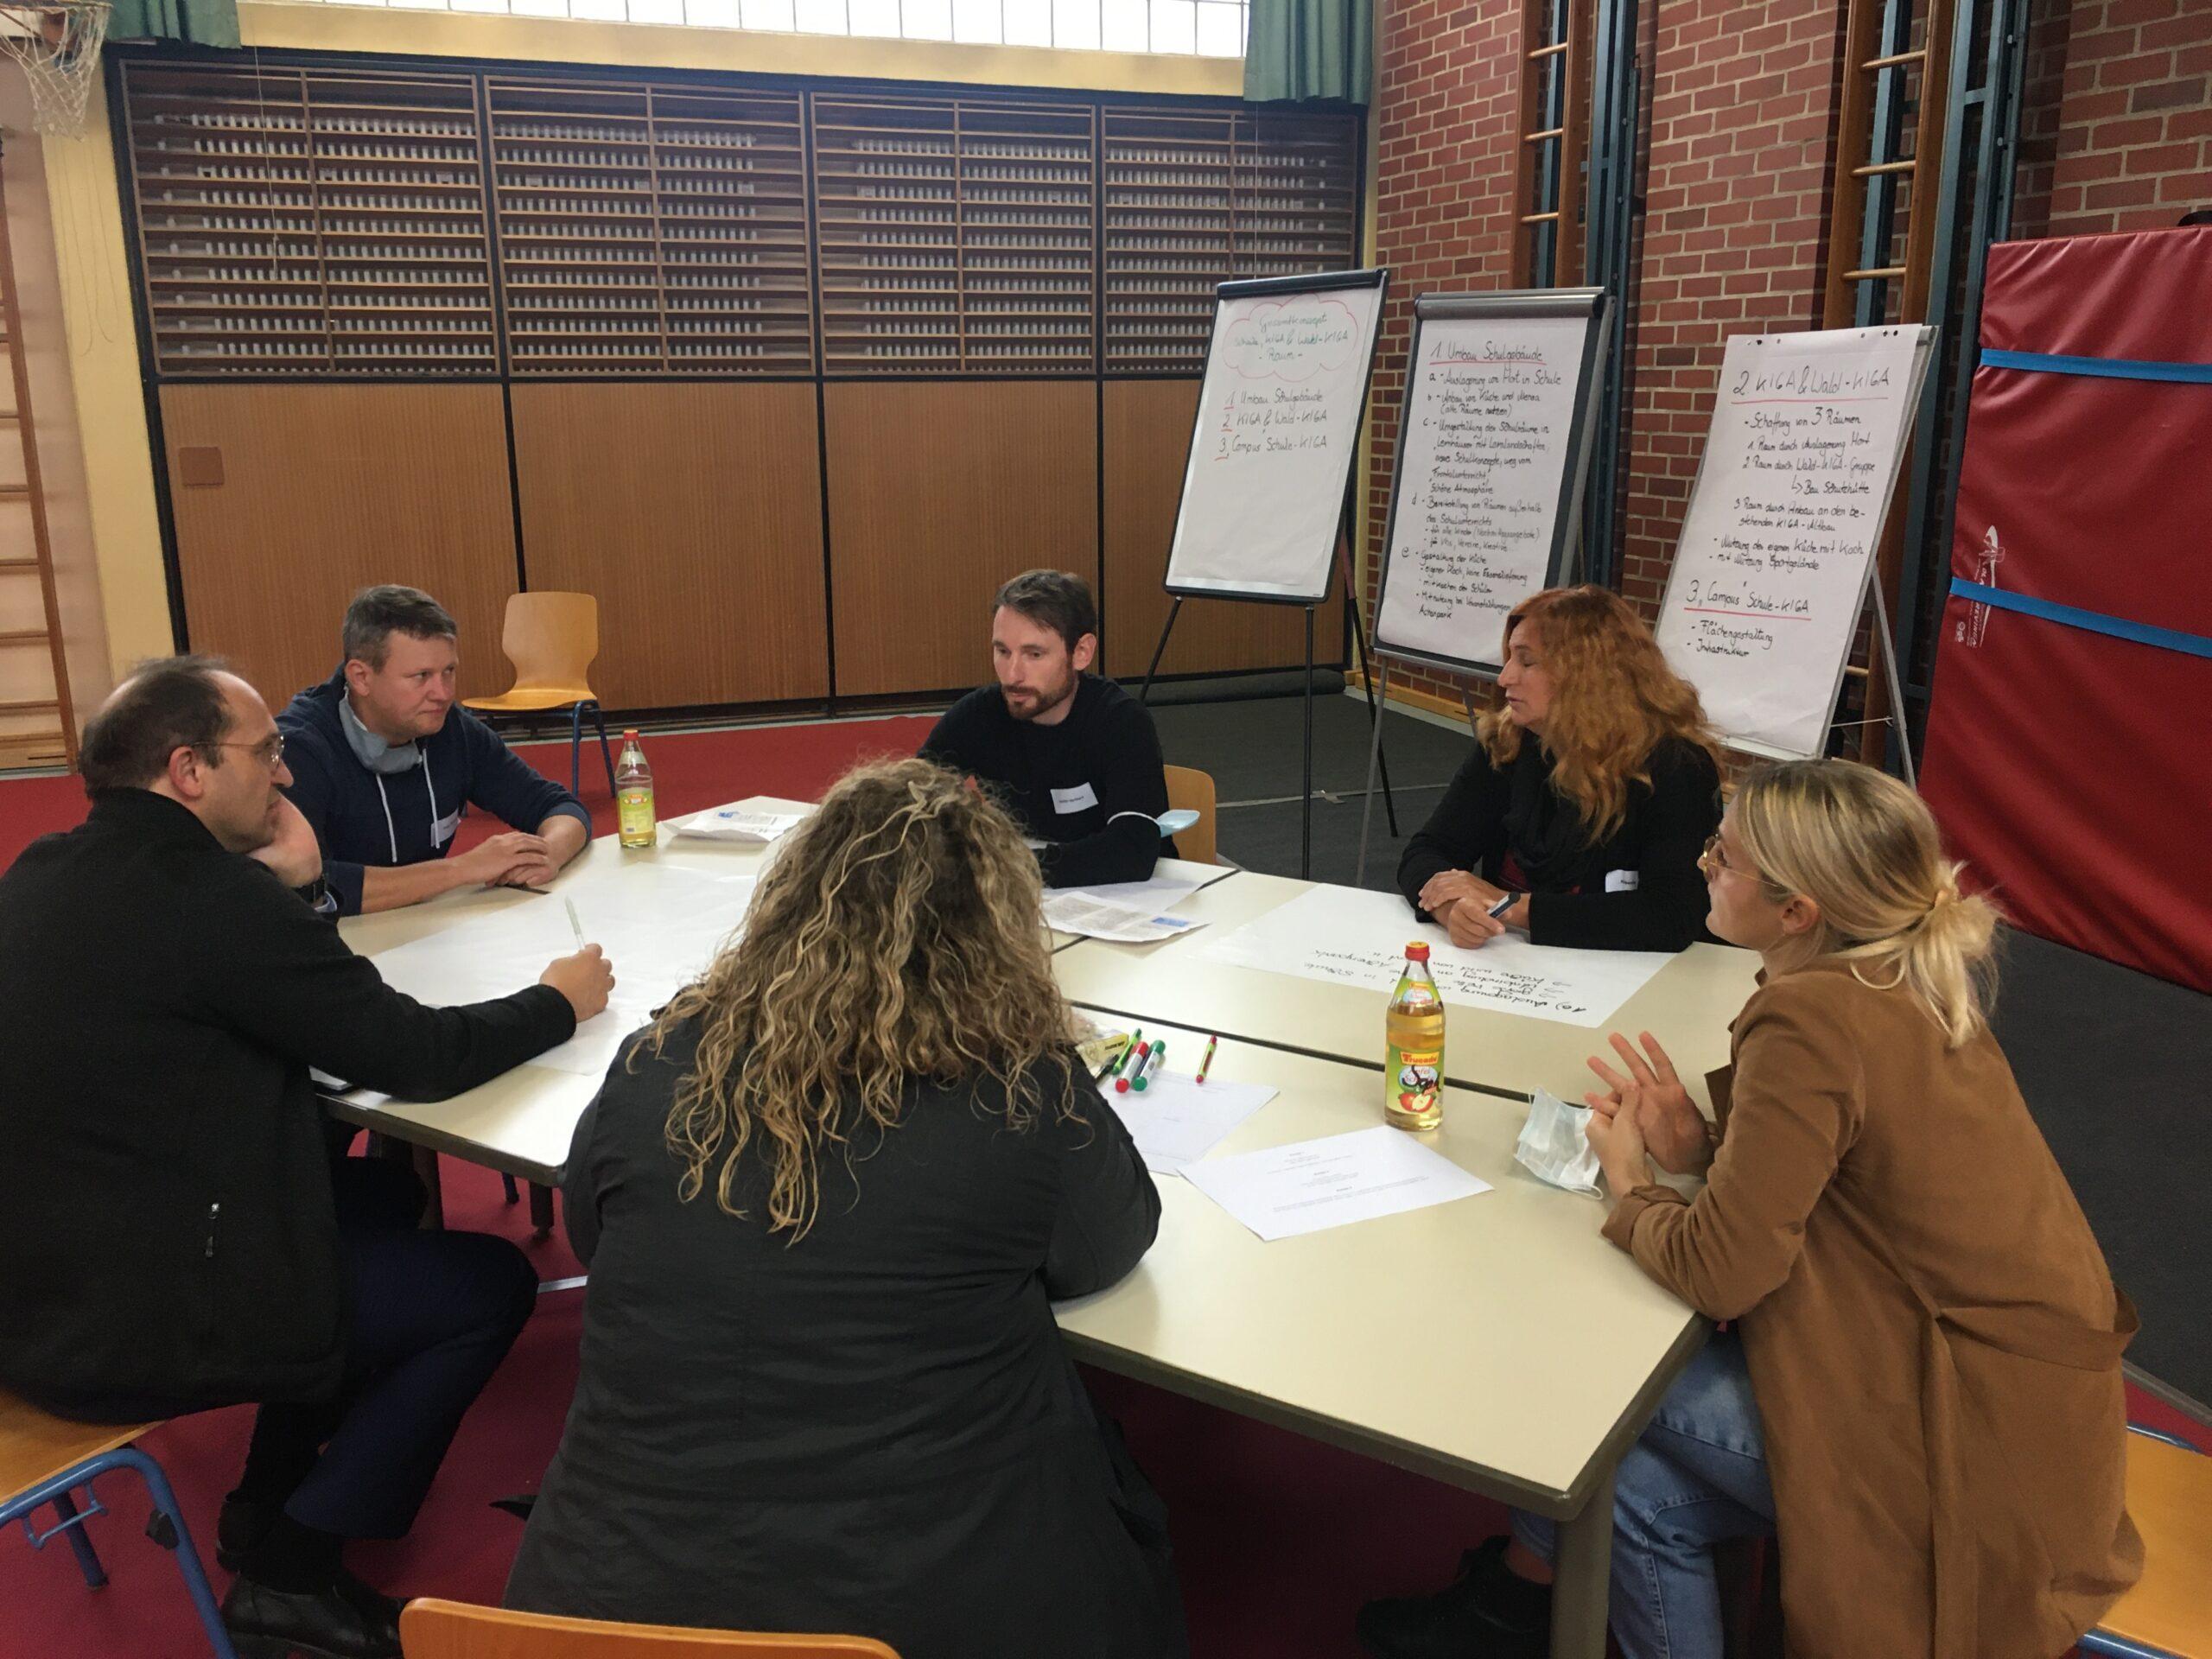 Austausch im Bürgerrats-Forum mit Bürgermeister und Gemeinderat